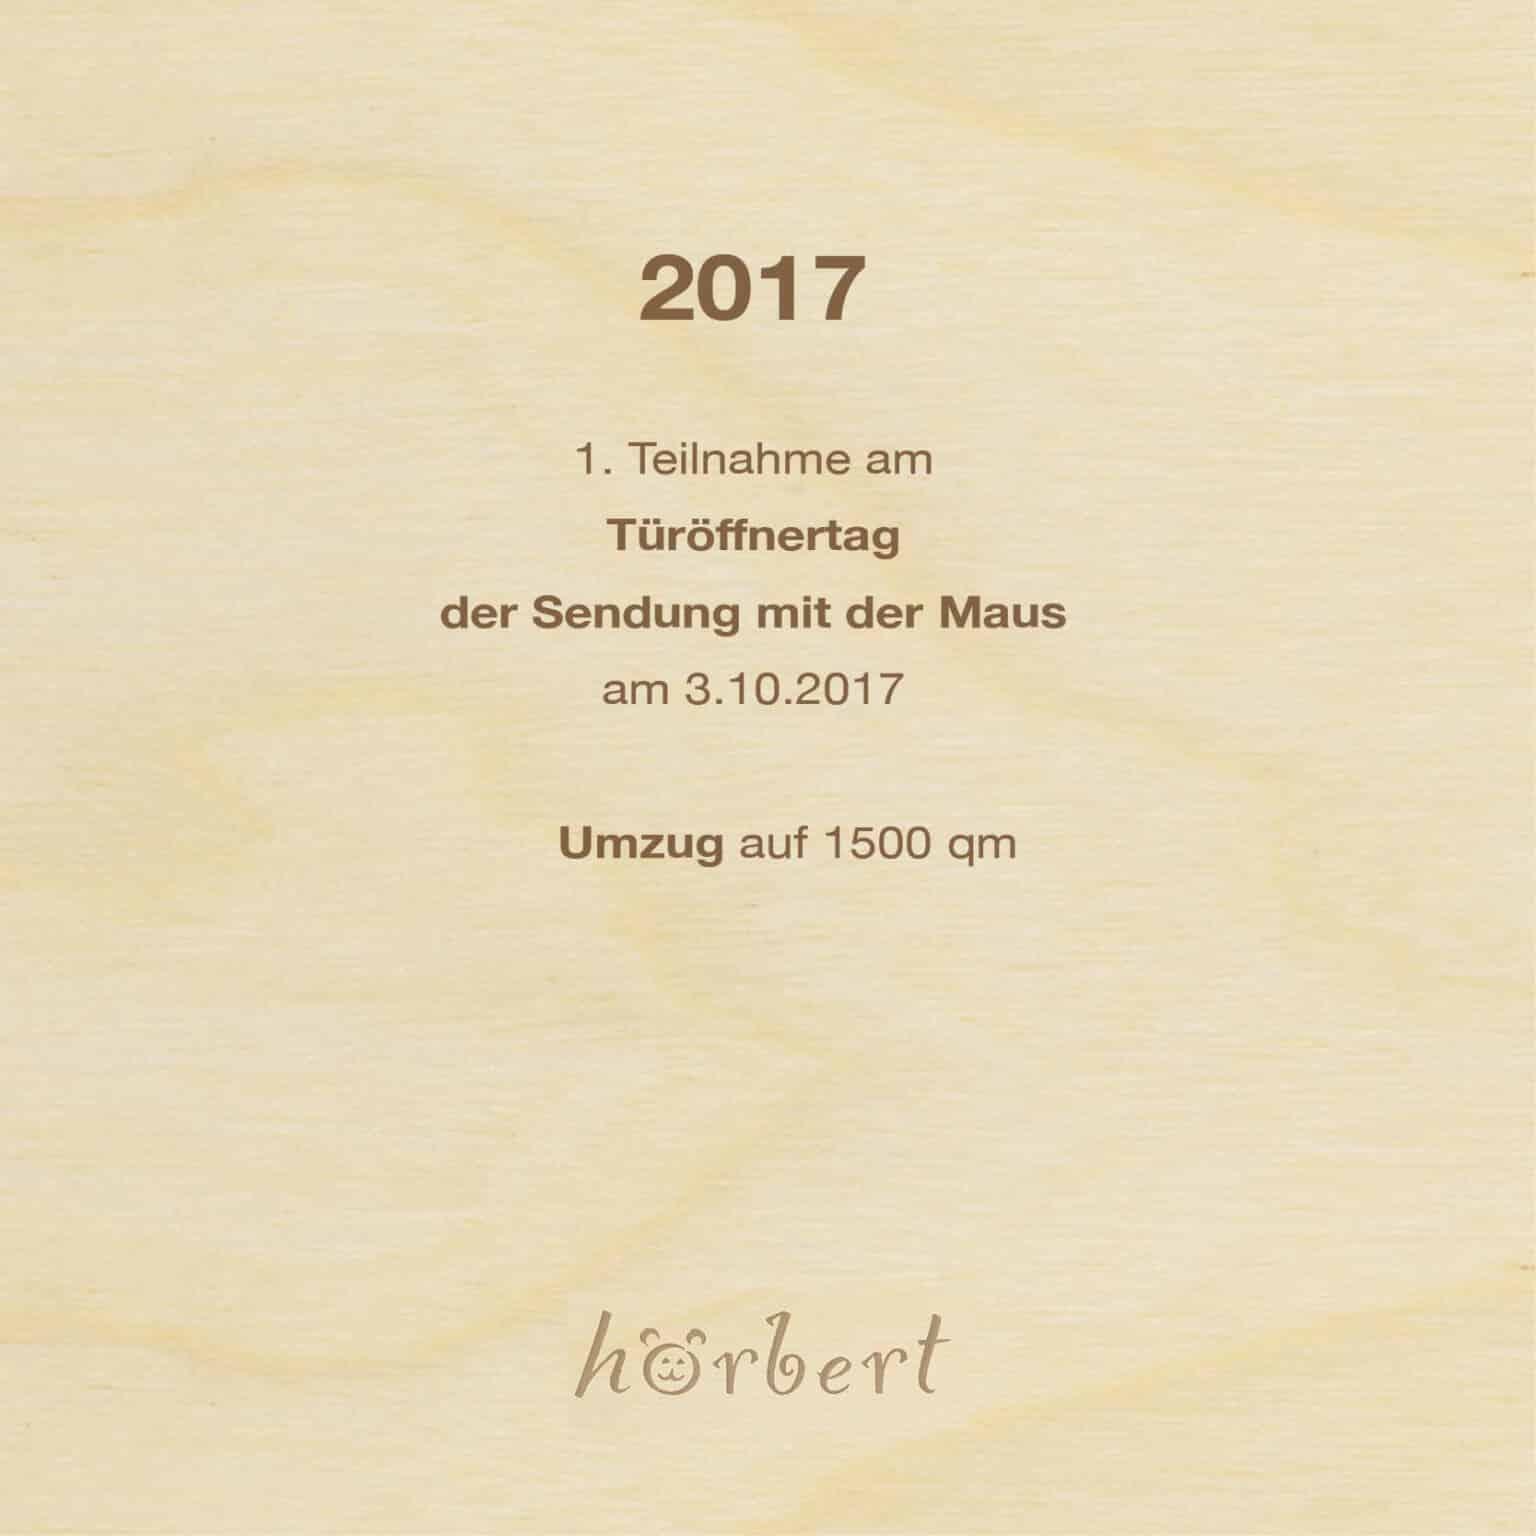 2017 Jubiläum 10 Jahre